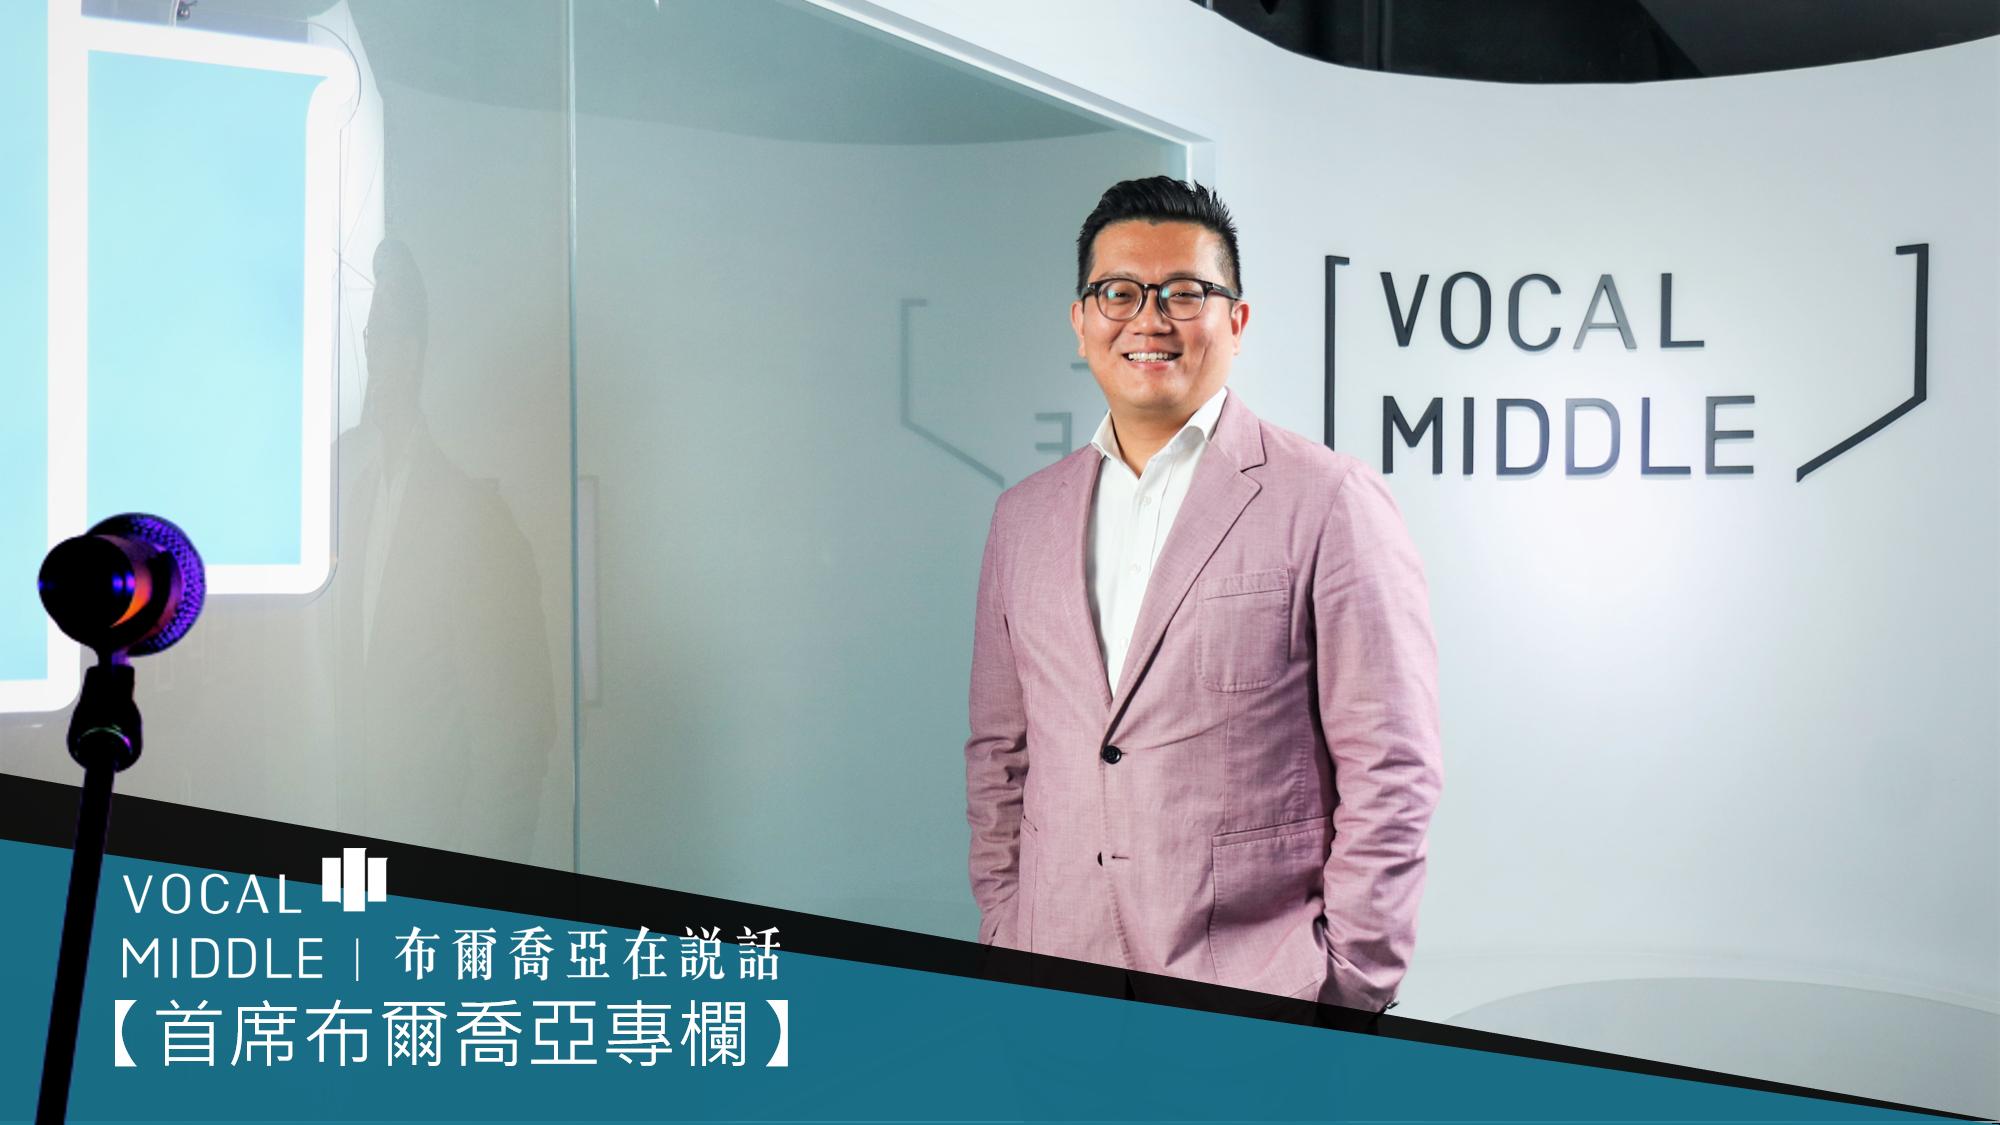 【首席布爾喬亞專欄】特倫傳媒專訪 – 創辦人暨執行長鄧耀中先生產業觀點訪談